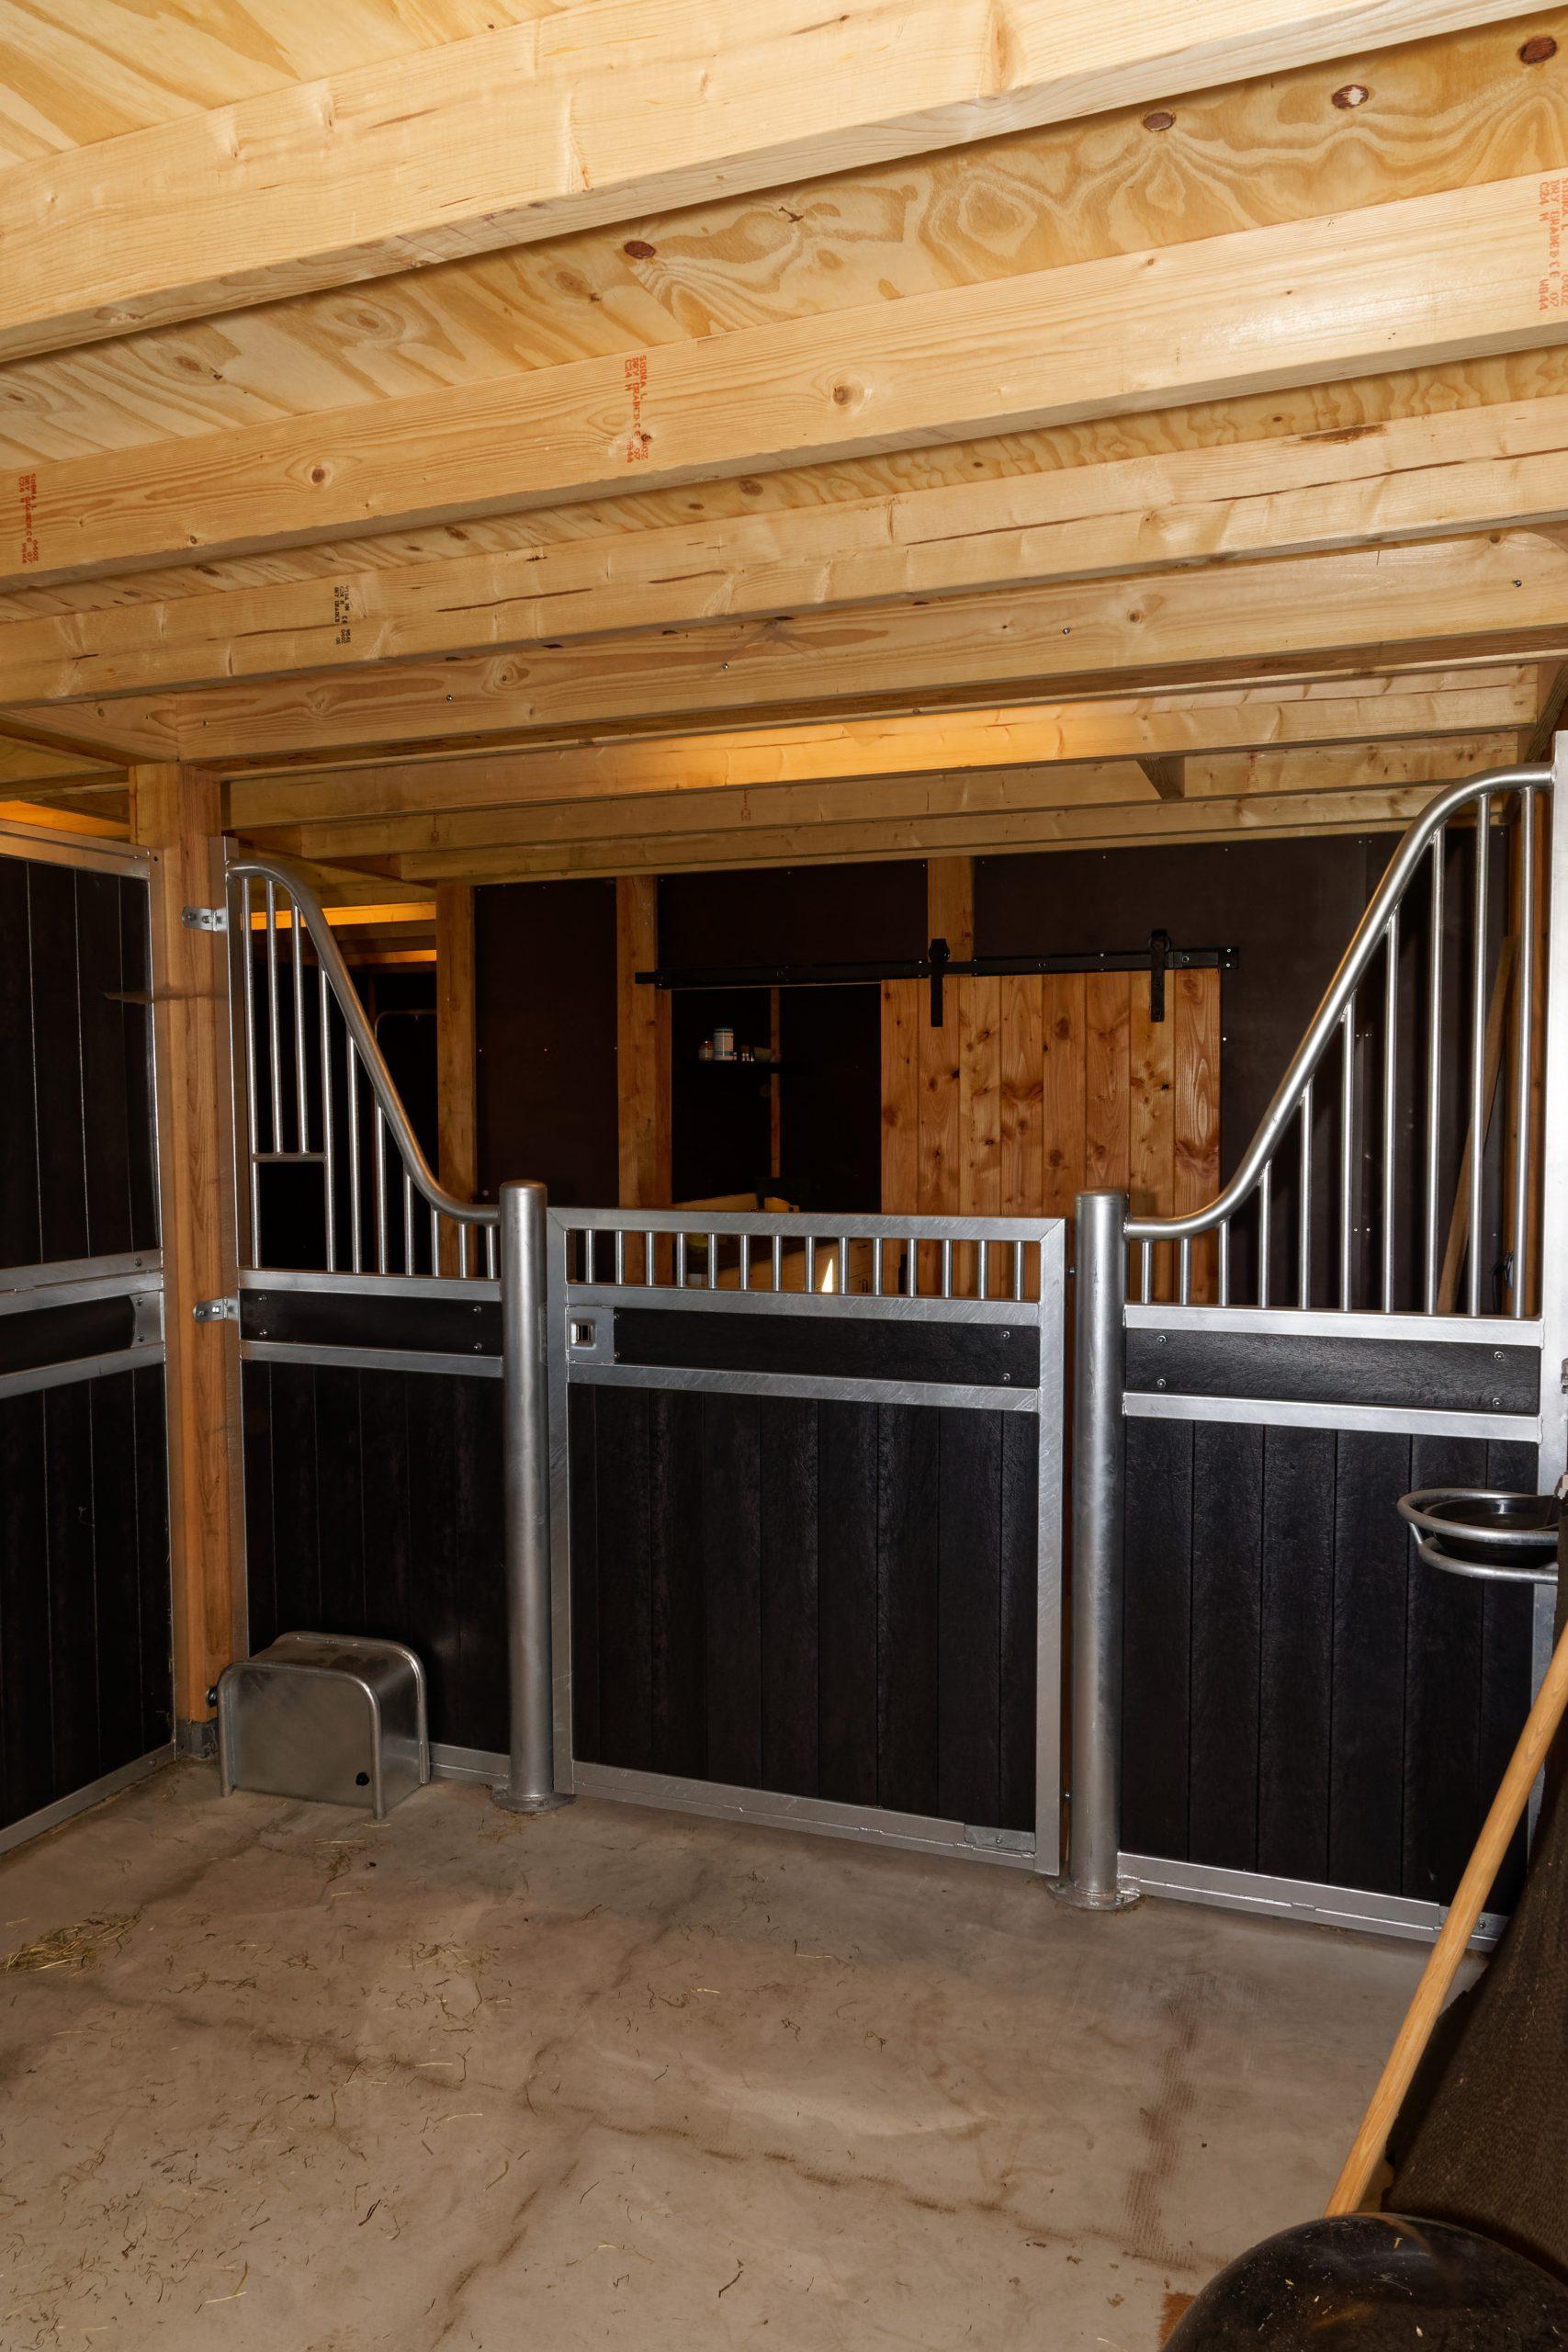 houten-schuur-met-paardenstallen-12-scaled - Project Hardenberg: Grote houten schuur met paardenstallen.